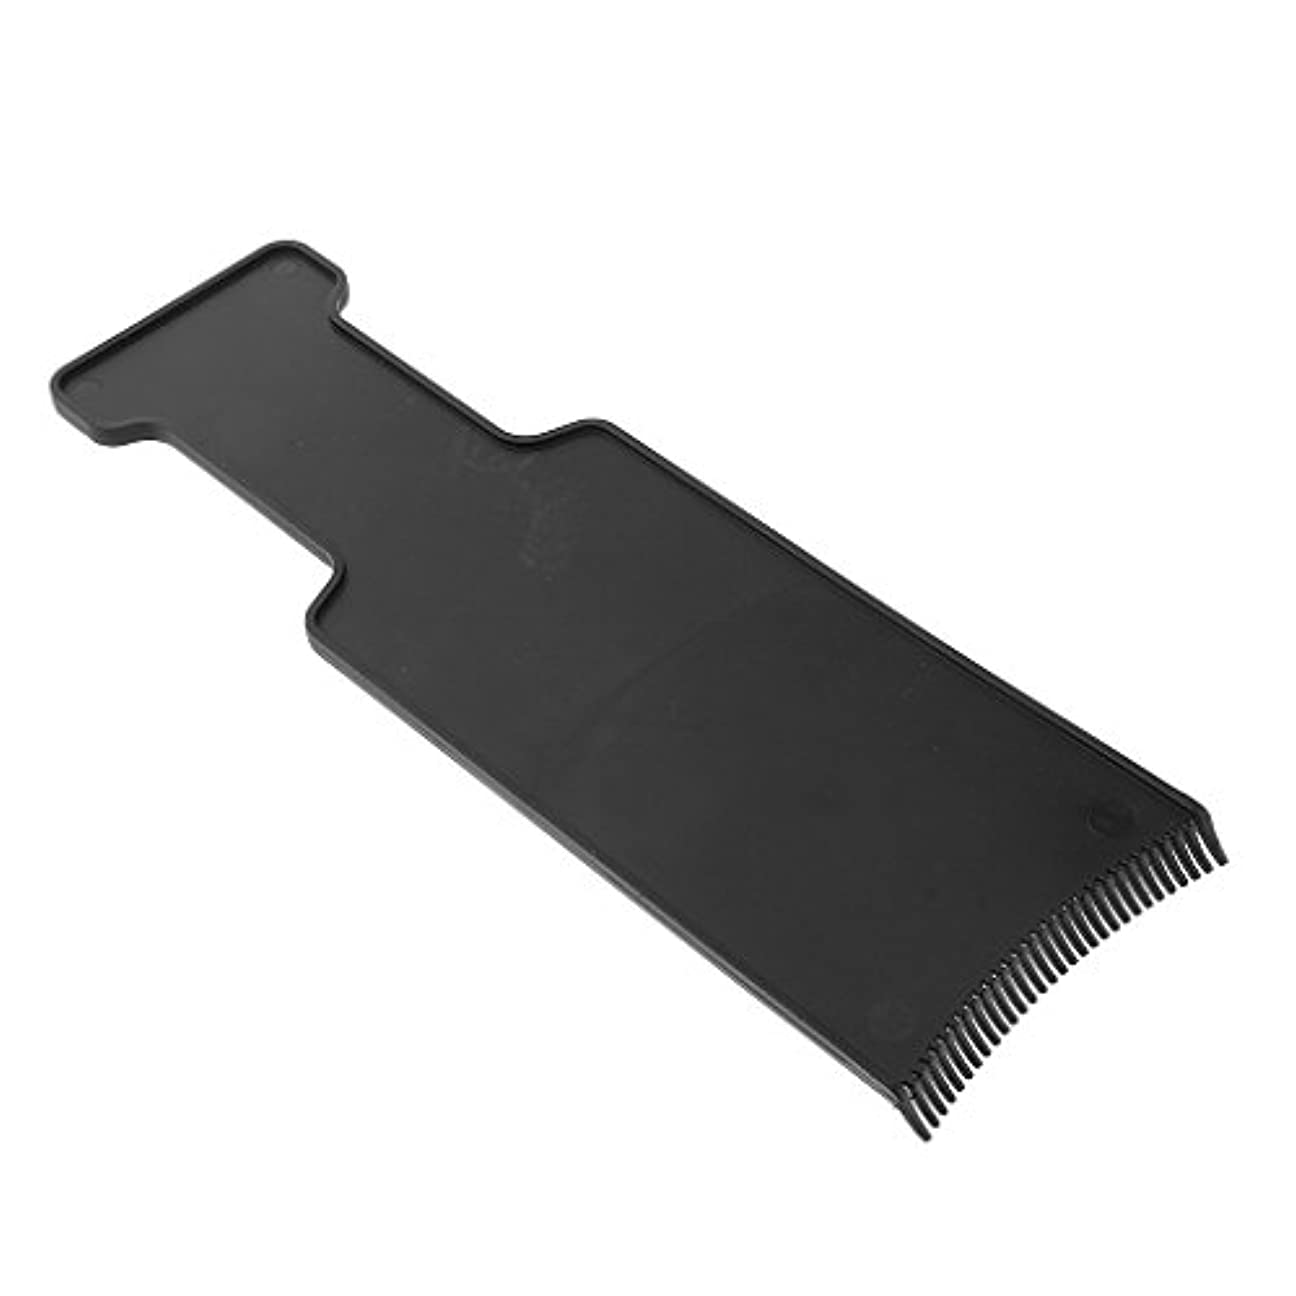 少し十ユーモラスサロン ヘアカラー ボード ヘアカラーティント 美容 ヘア ツール 髪 保護 ブラック 全4サイズ - M